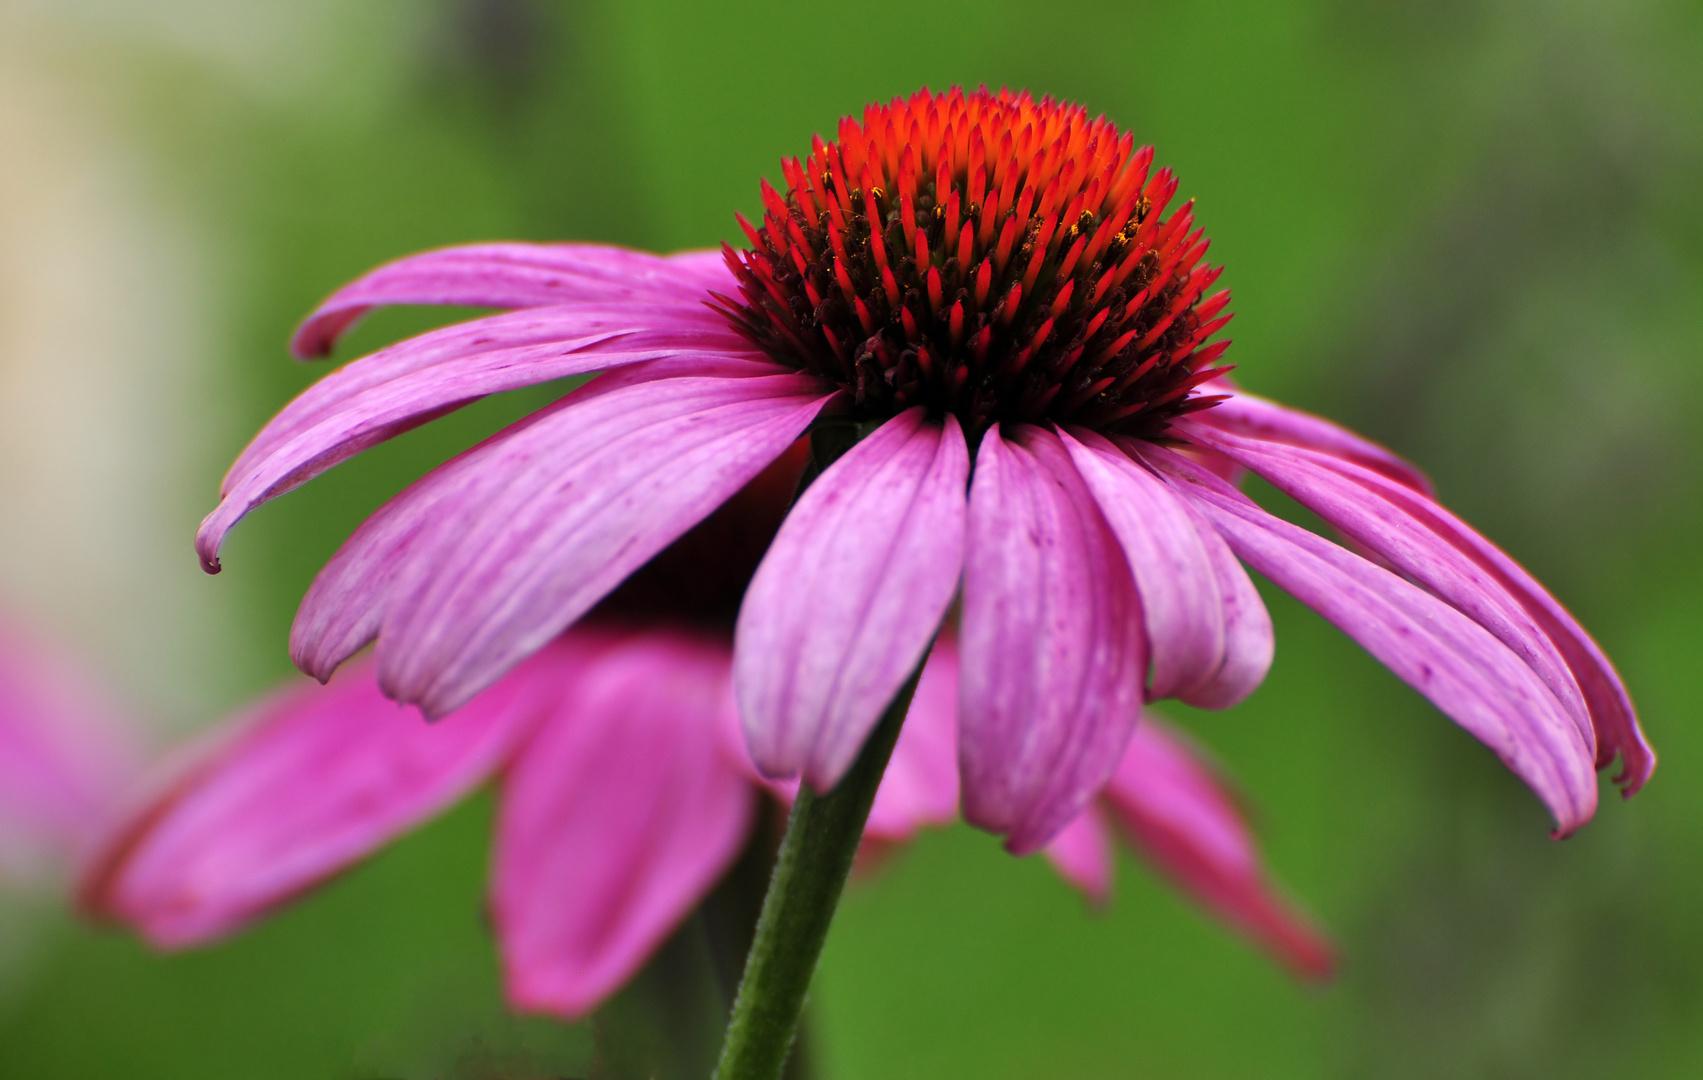 roter sonnenhut foto bild pflanzen pilze flechten bl ten kleinpflanzen. Black Bedroom Furniture Sets. Home Design Ideas